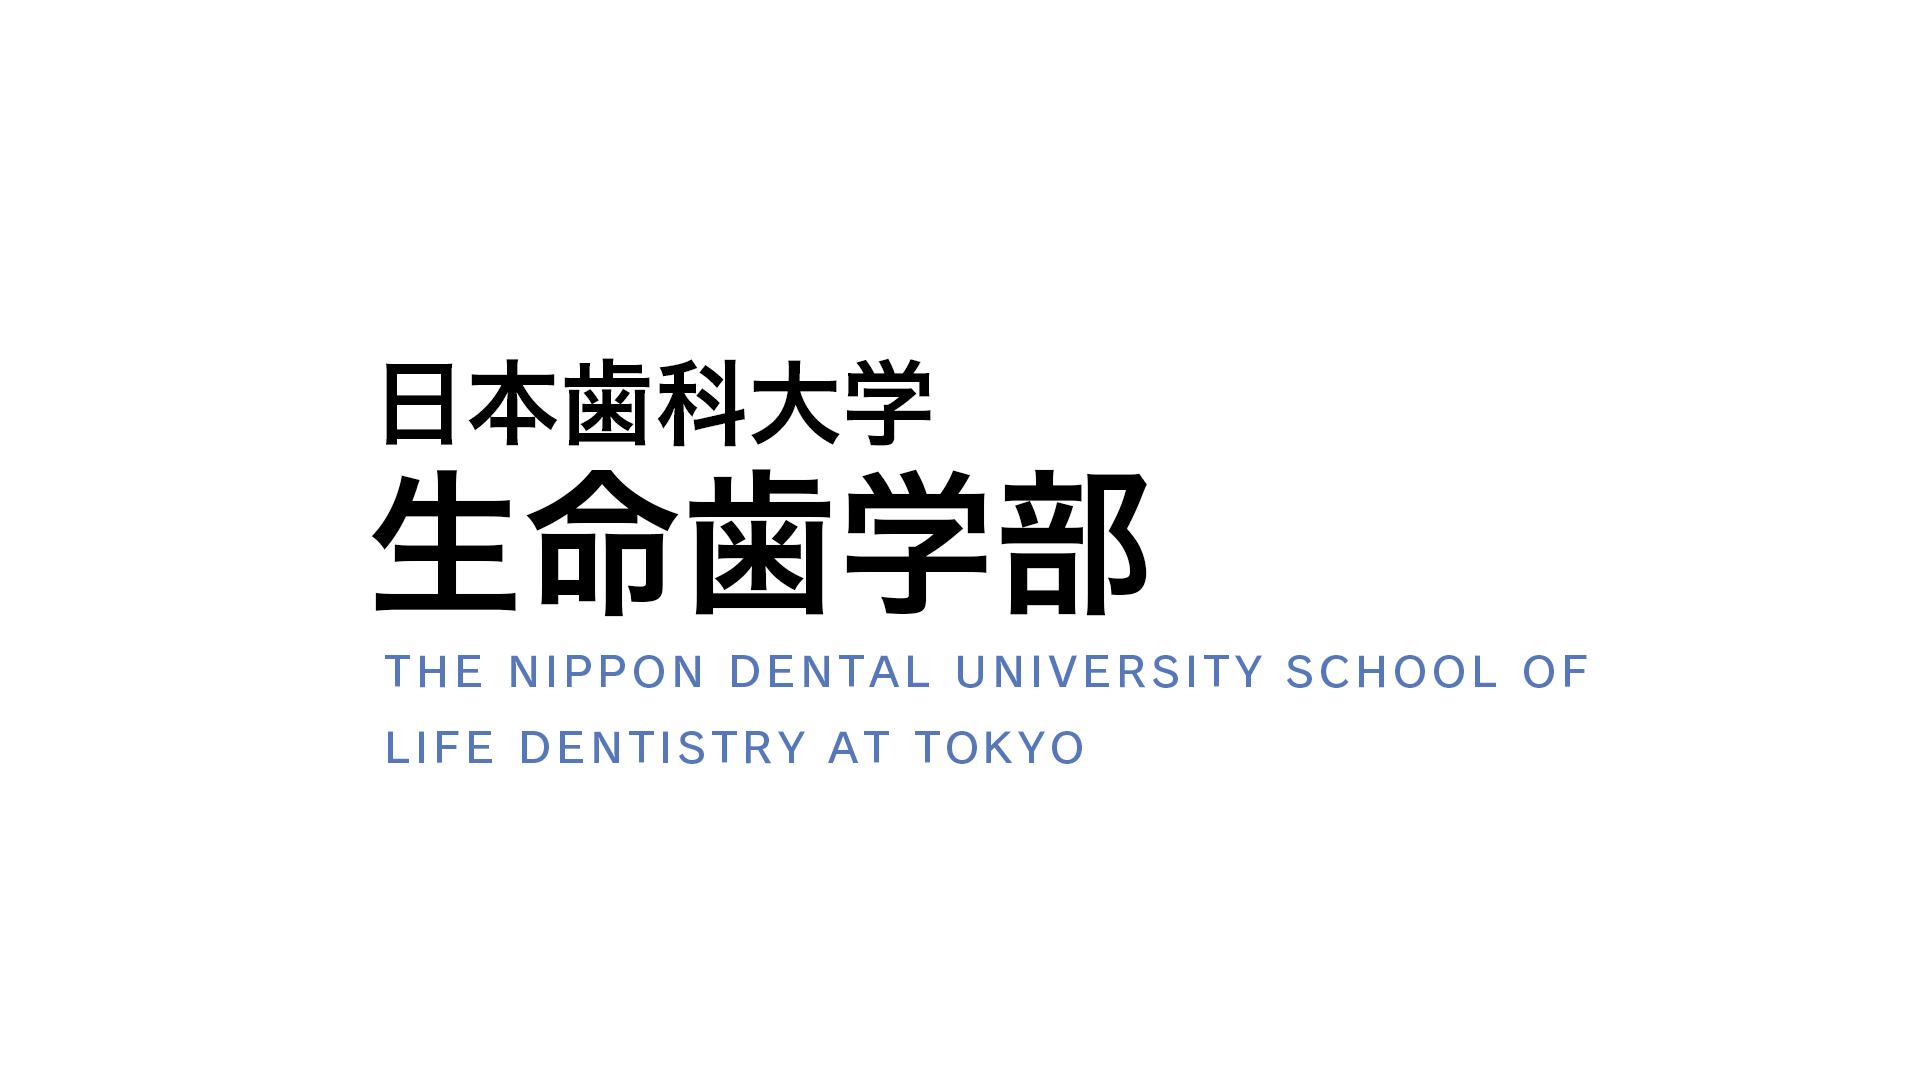 日本歯科大学 生命歯学部